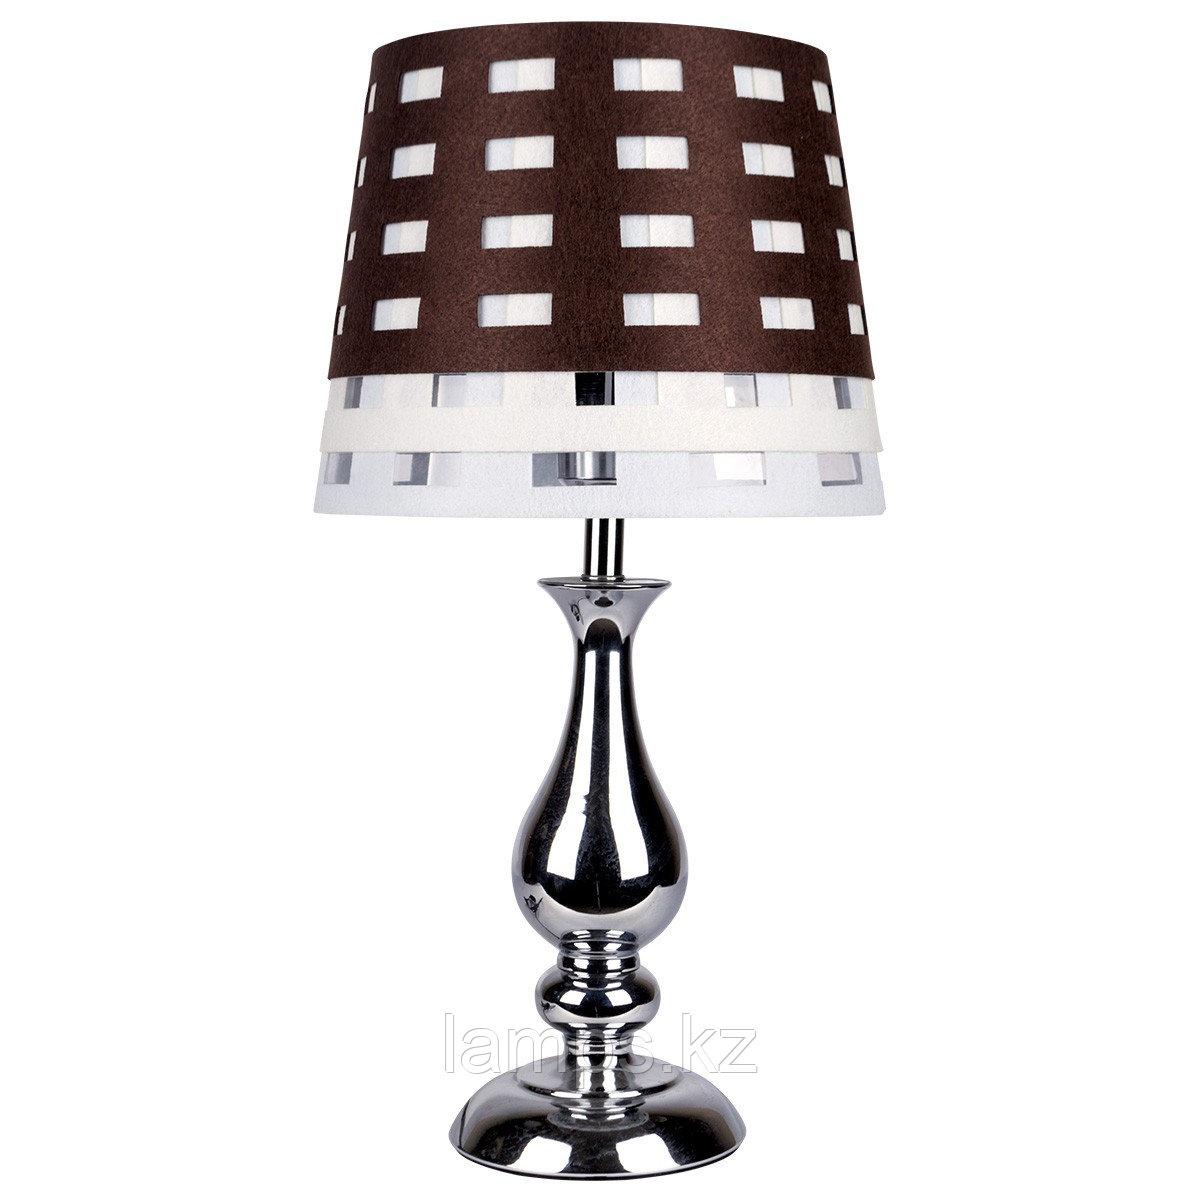 Настольная лампа T0012 Coffee